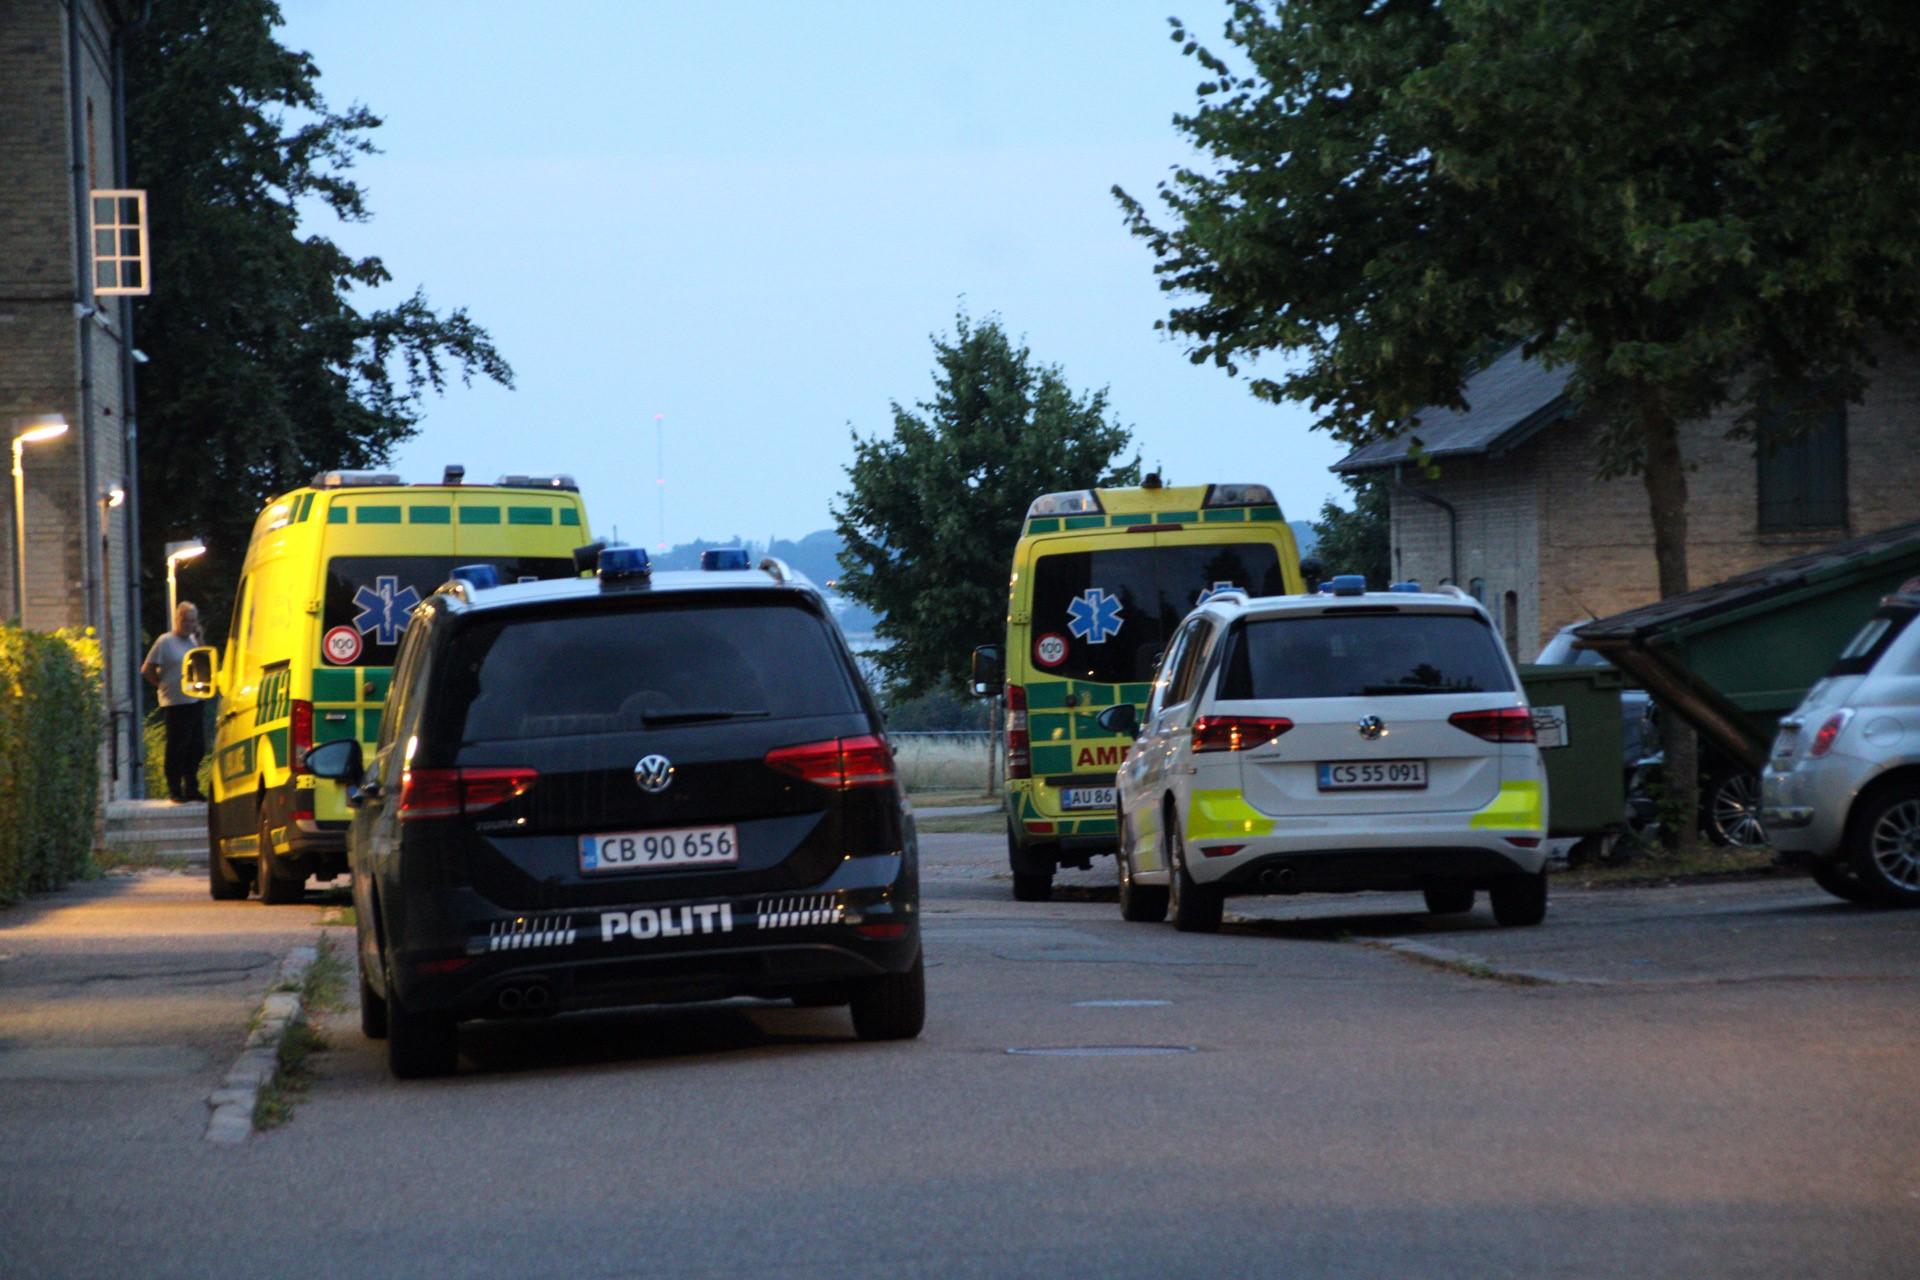 Flere plejere kommet til skade - patient amok på psykiatrisk hospital i Roskilde